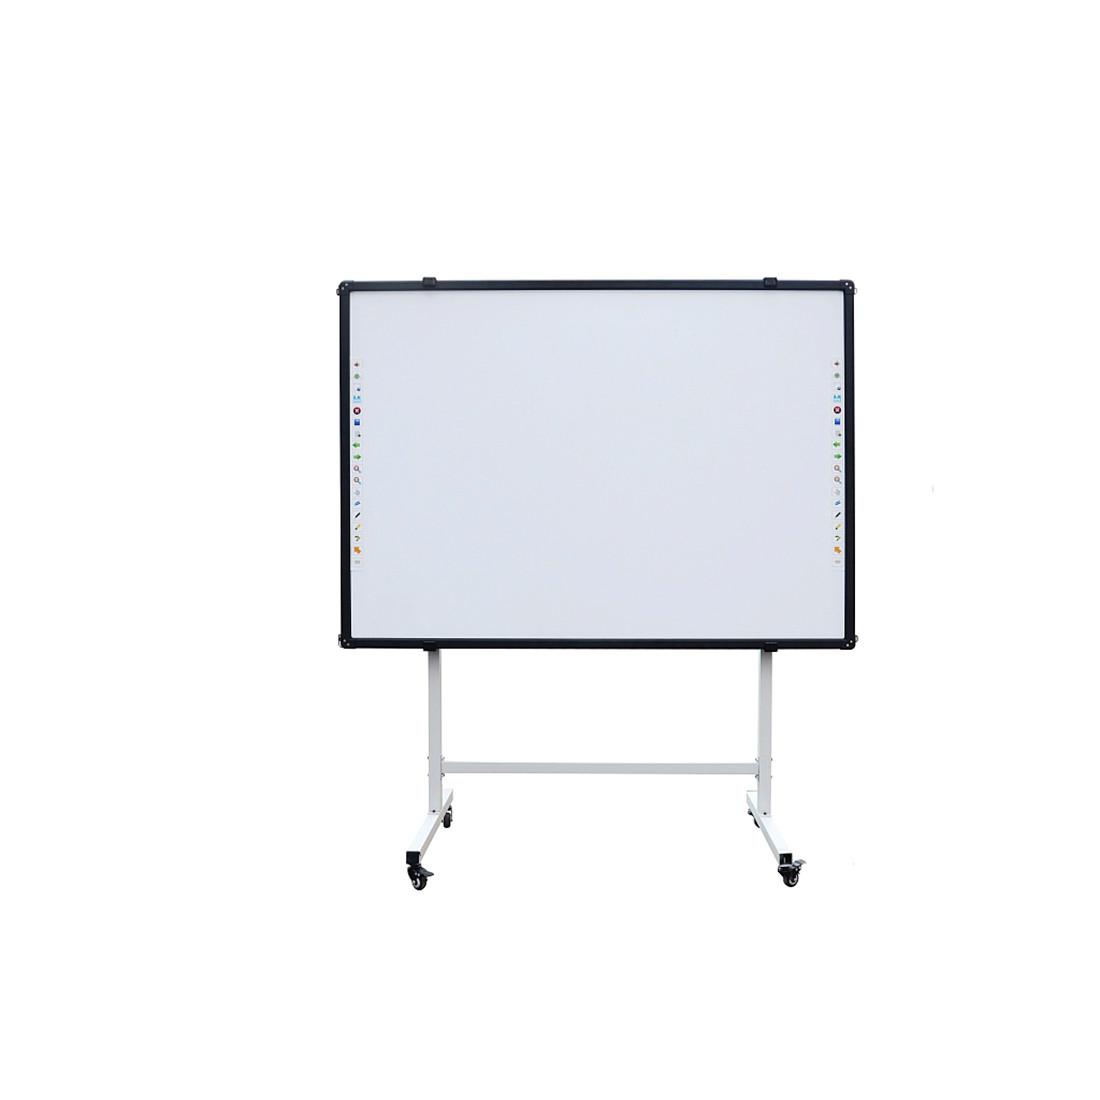 Интерактивная доска DigiTouch S82 (Инфракрасная. Алюминиевая рамка. Разм.1688х1208х32. 4:3. 10 кас.)